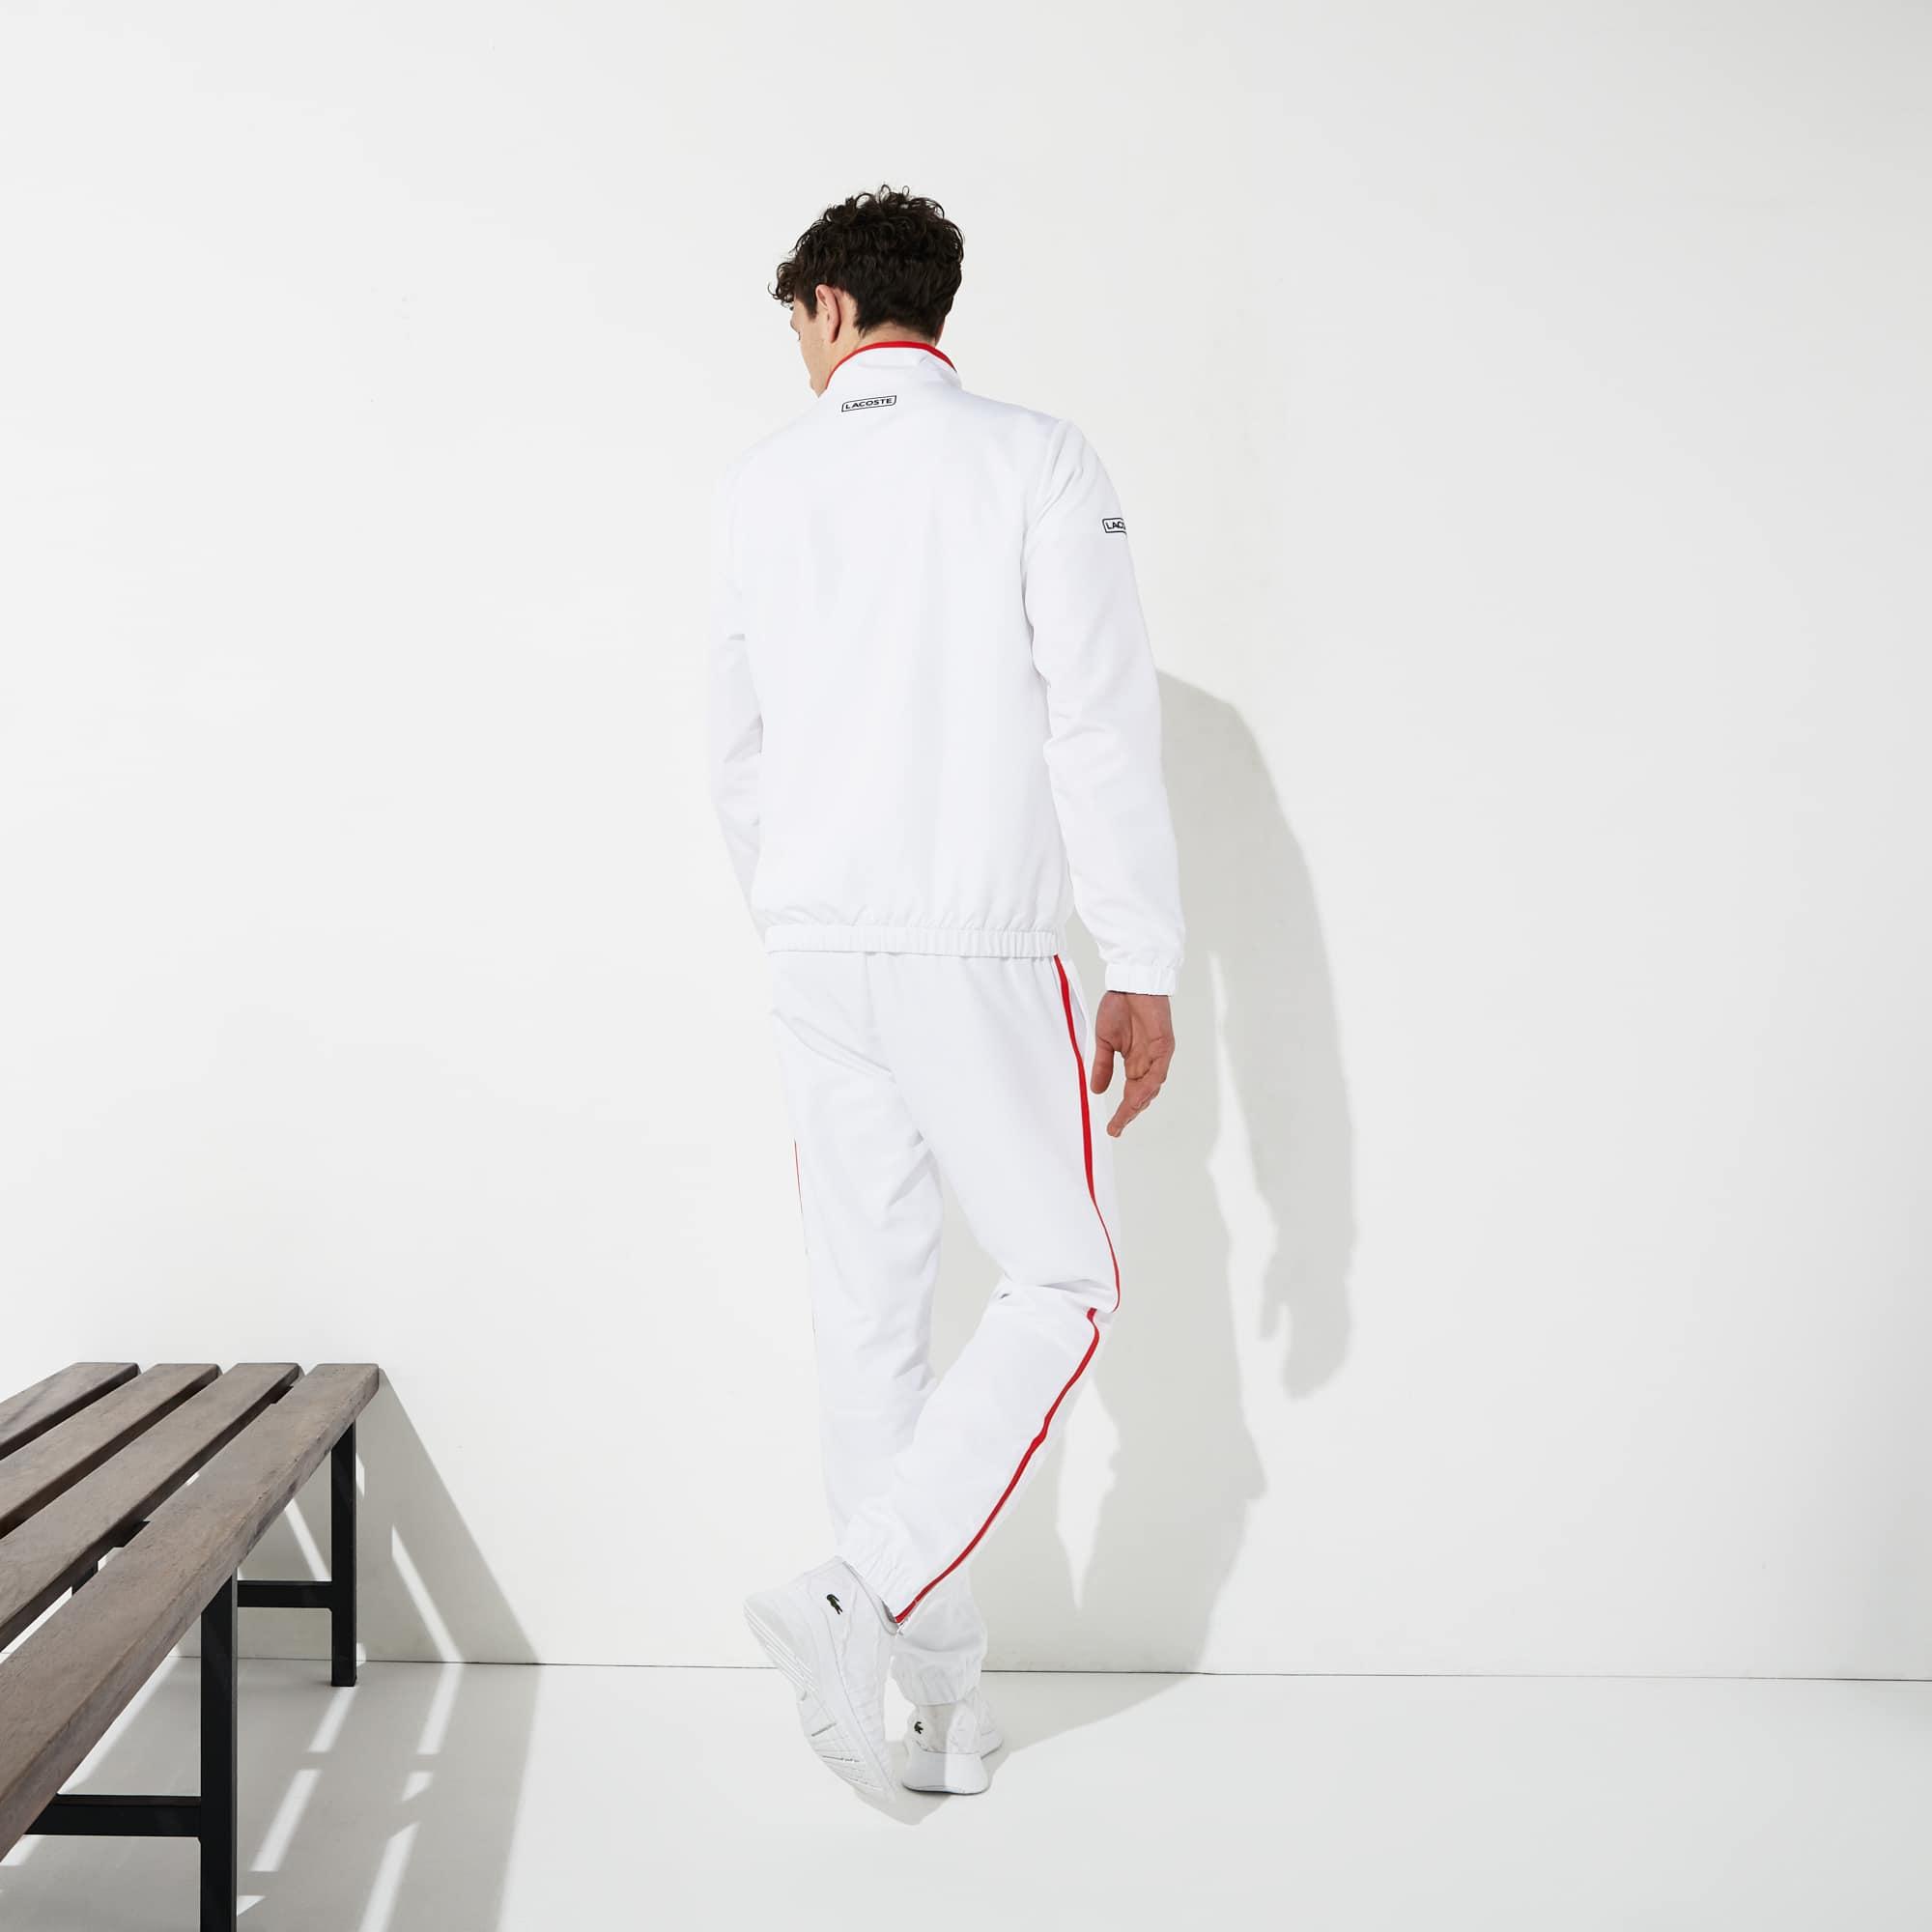 e1790f7c28 Ensemble de survêtement Tennis Lacoste SPORT à bandes contrastées ...